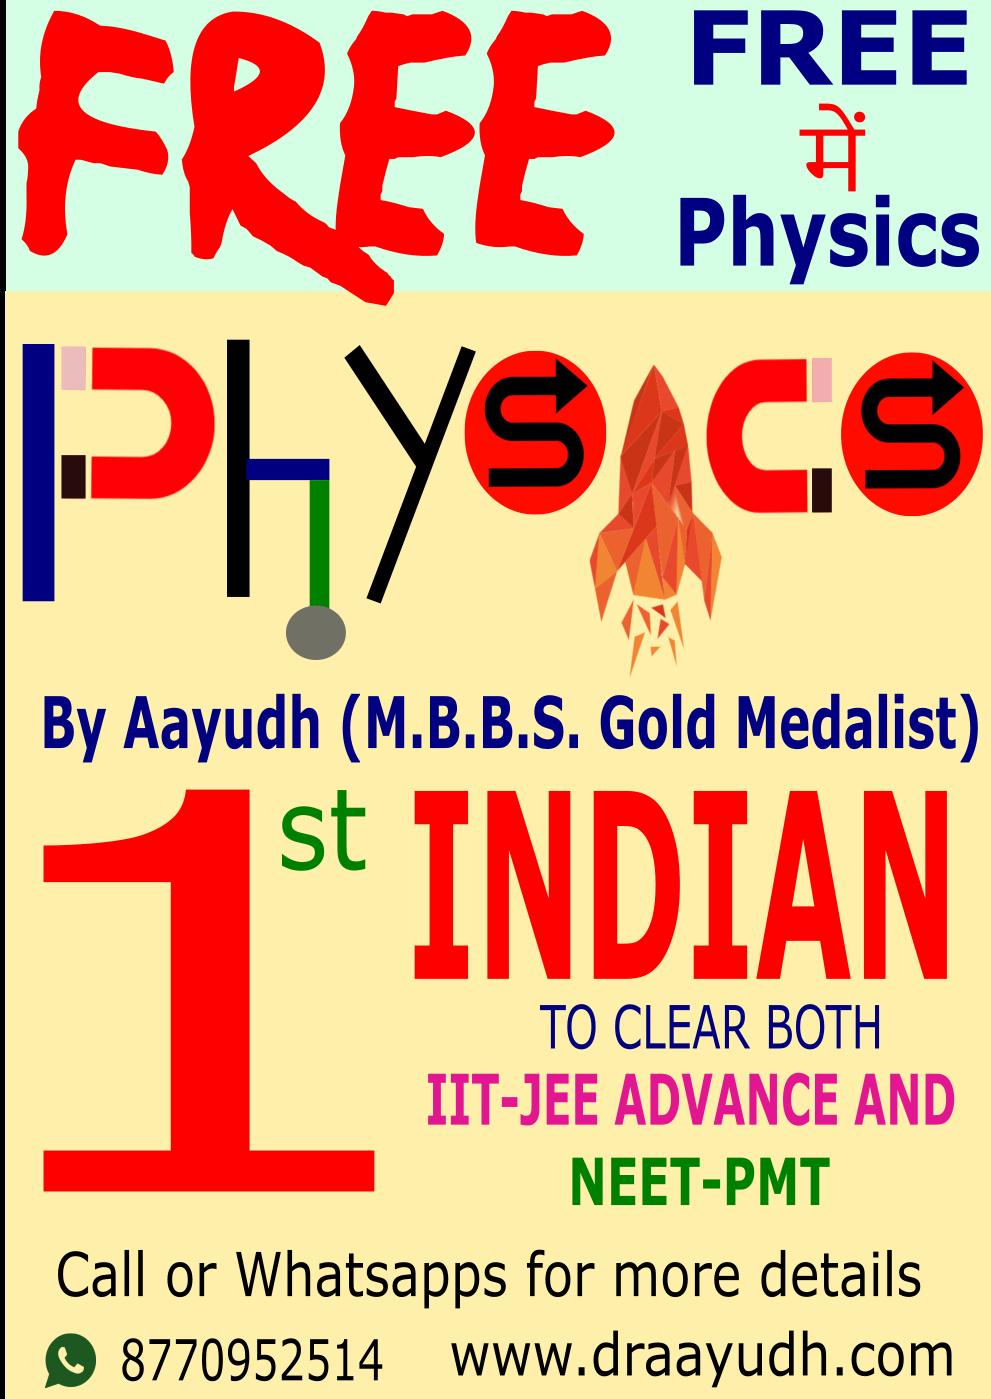 Aayudh Education: FREE Physics Class 11 12 JEE NEET